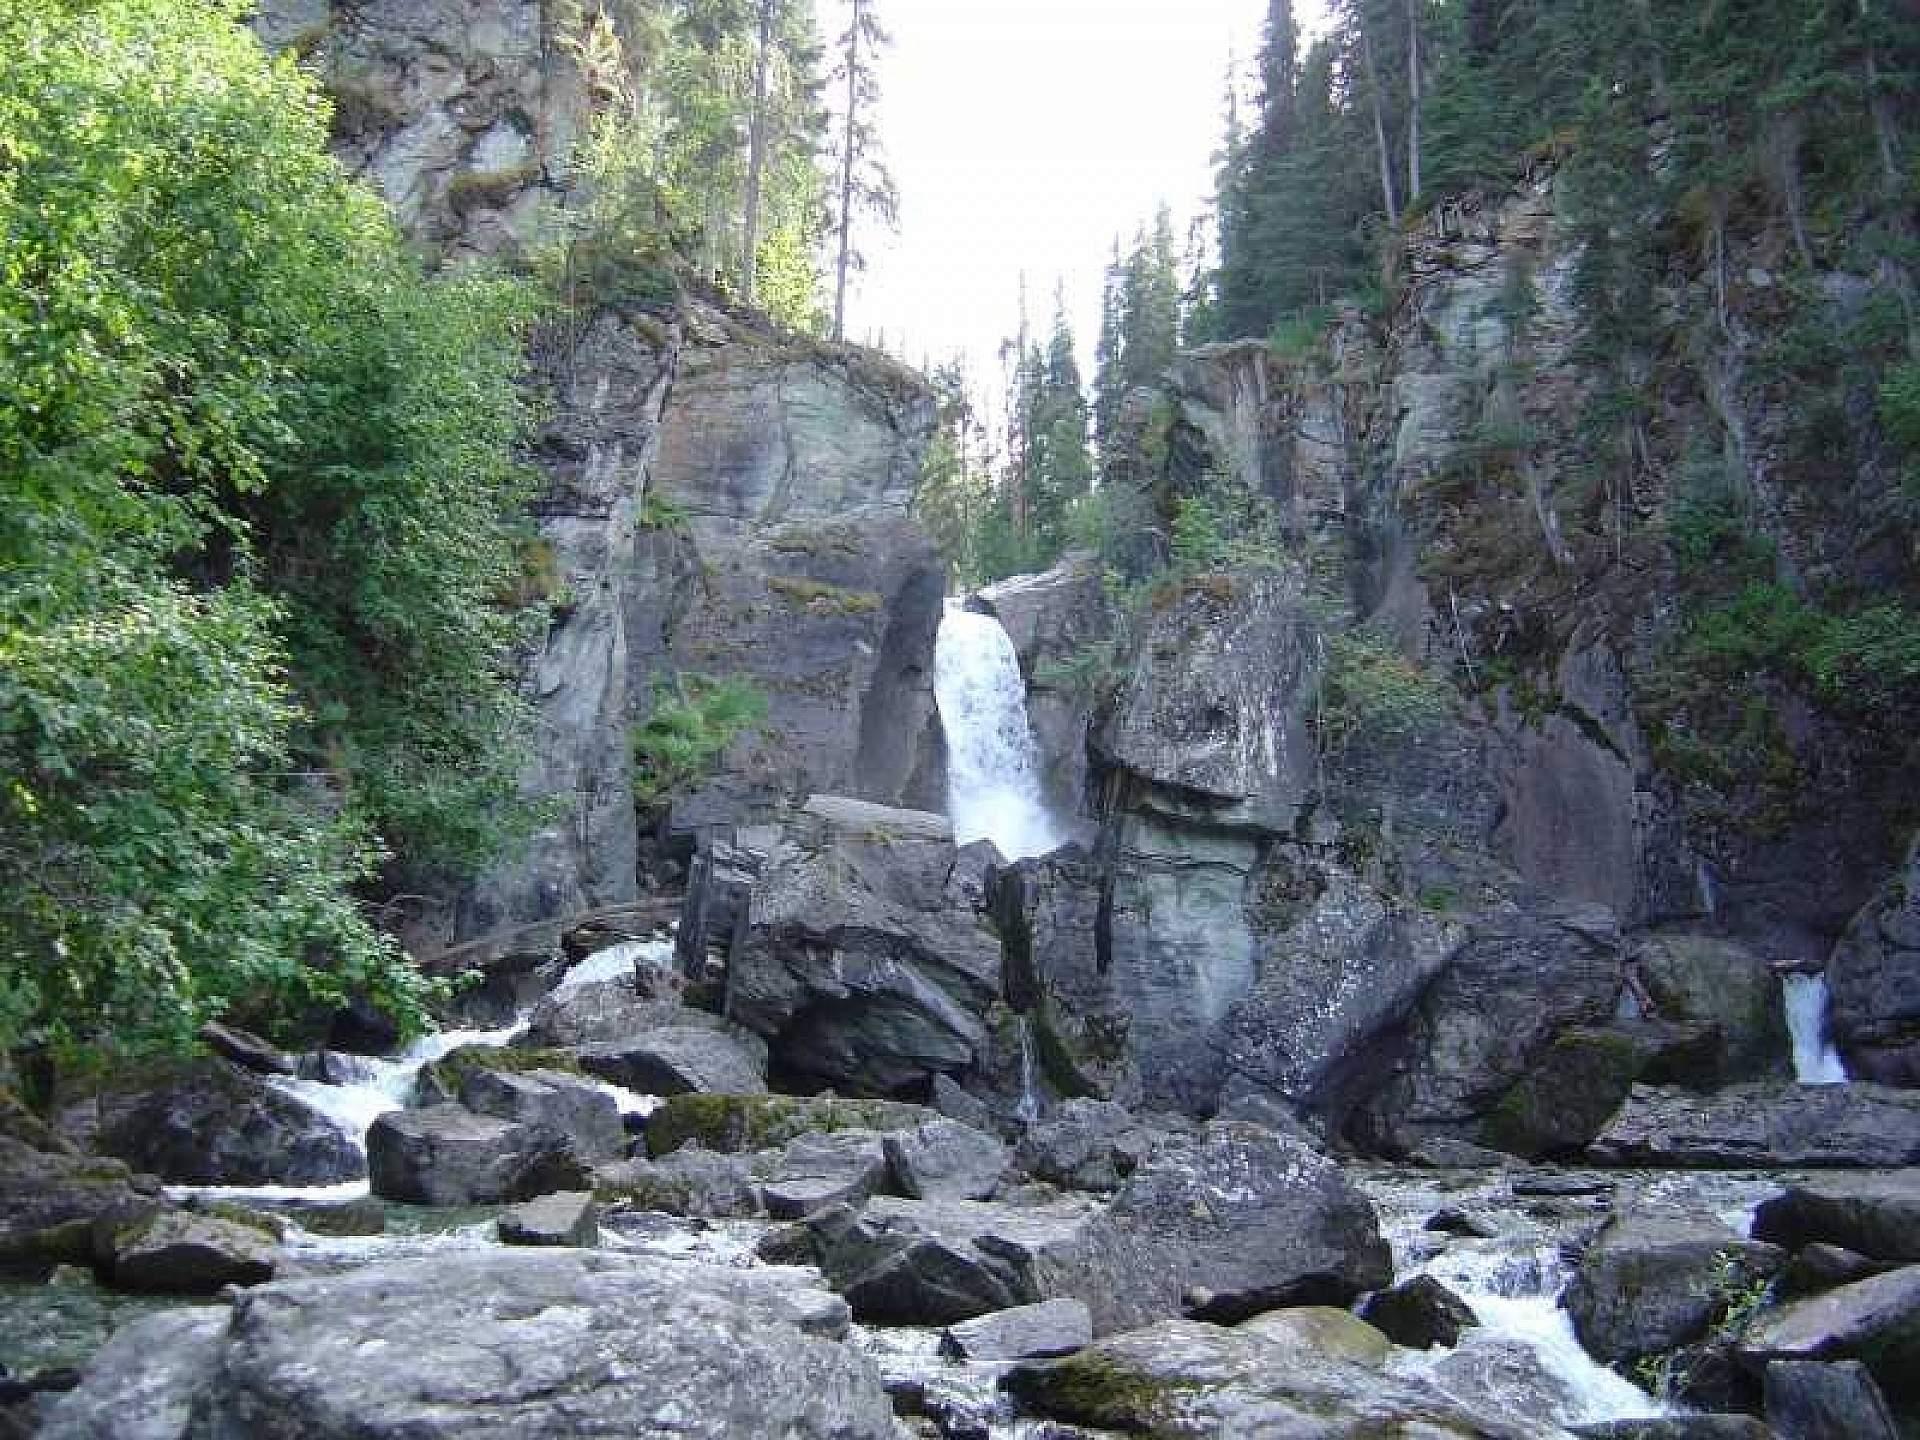 Liberty-Falls-Trail-01-mizx19